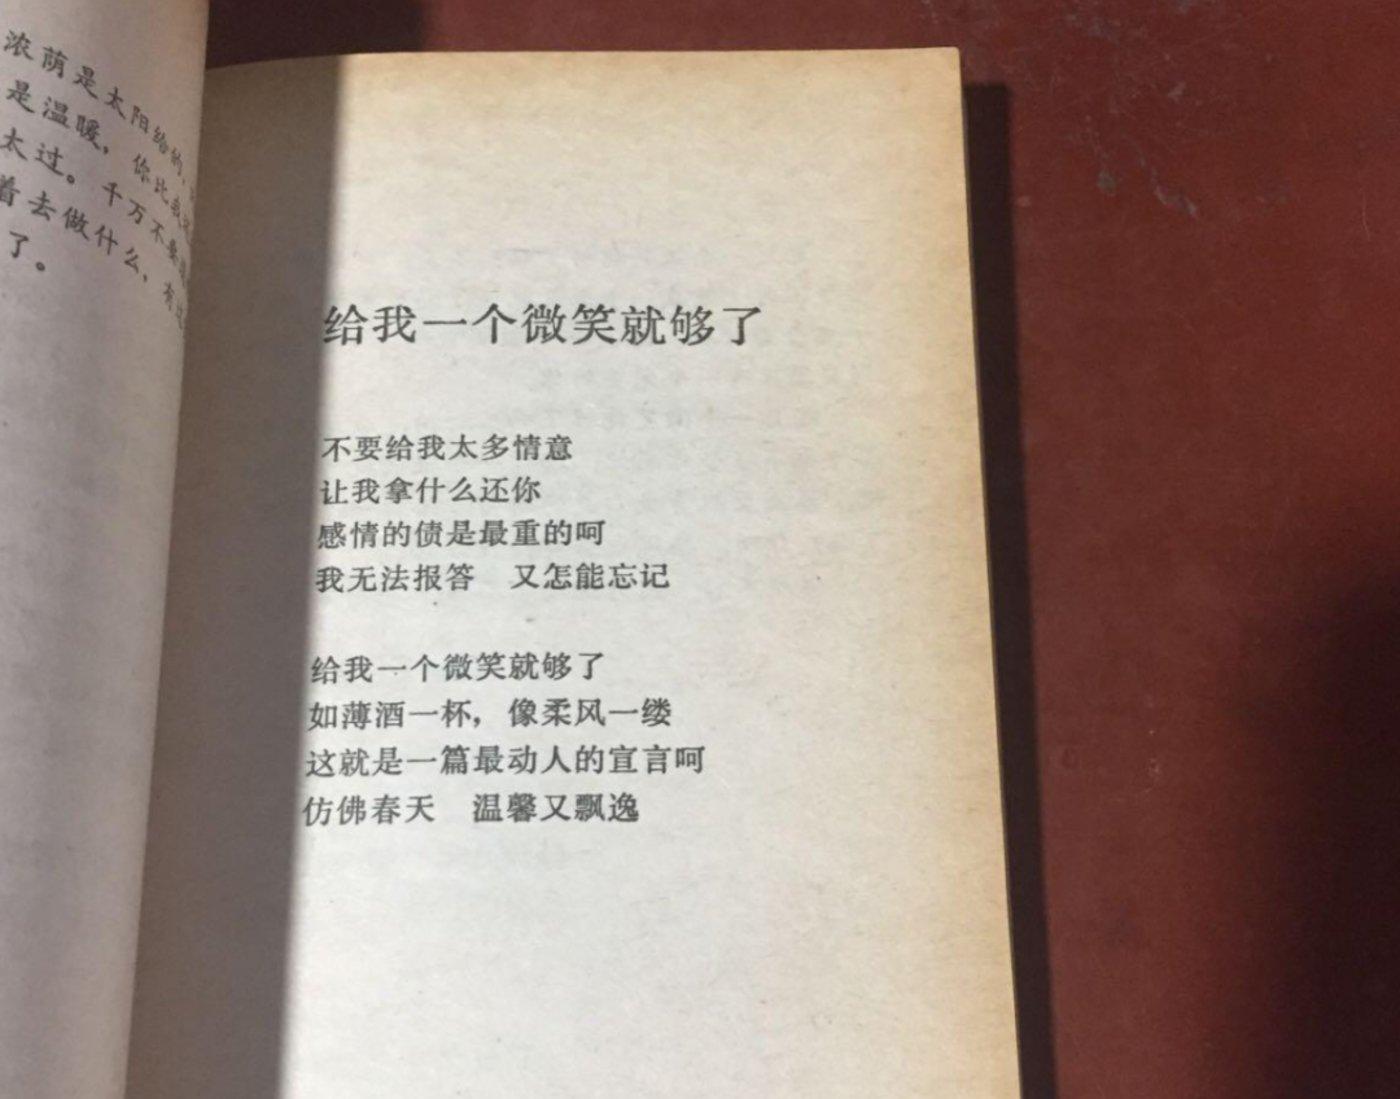 (汪国真抒情诗节选 图源:孔夫子)